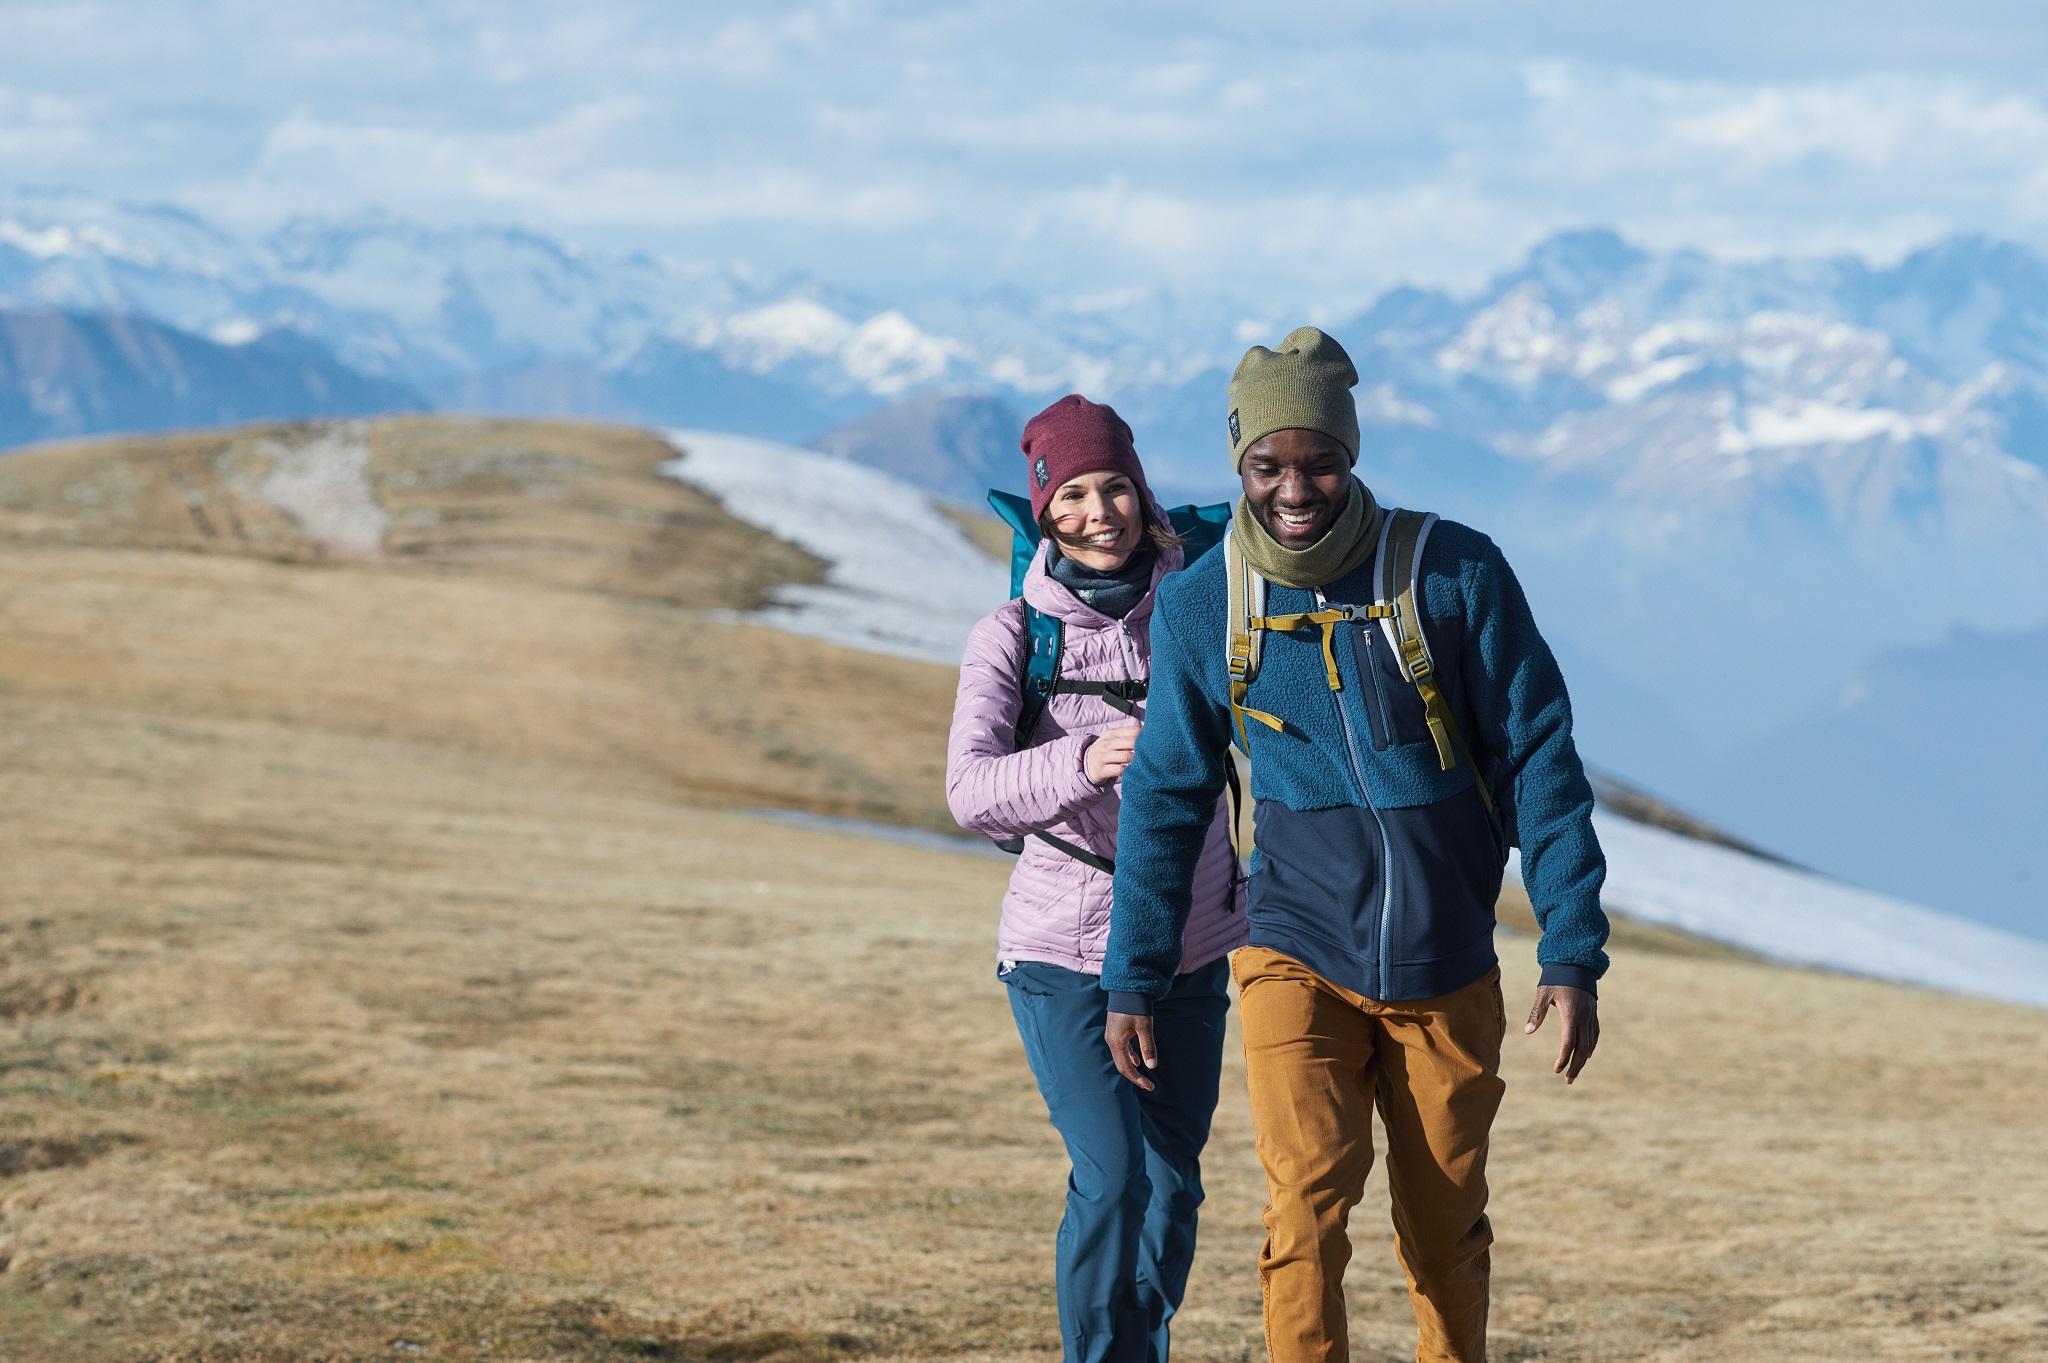 【冬季登山裝備】登山毛帽如何挑選?毛帽材質介紹